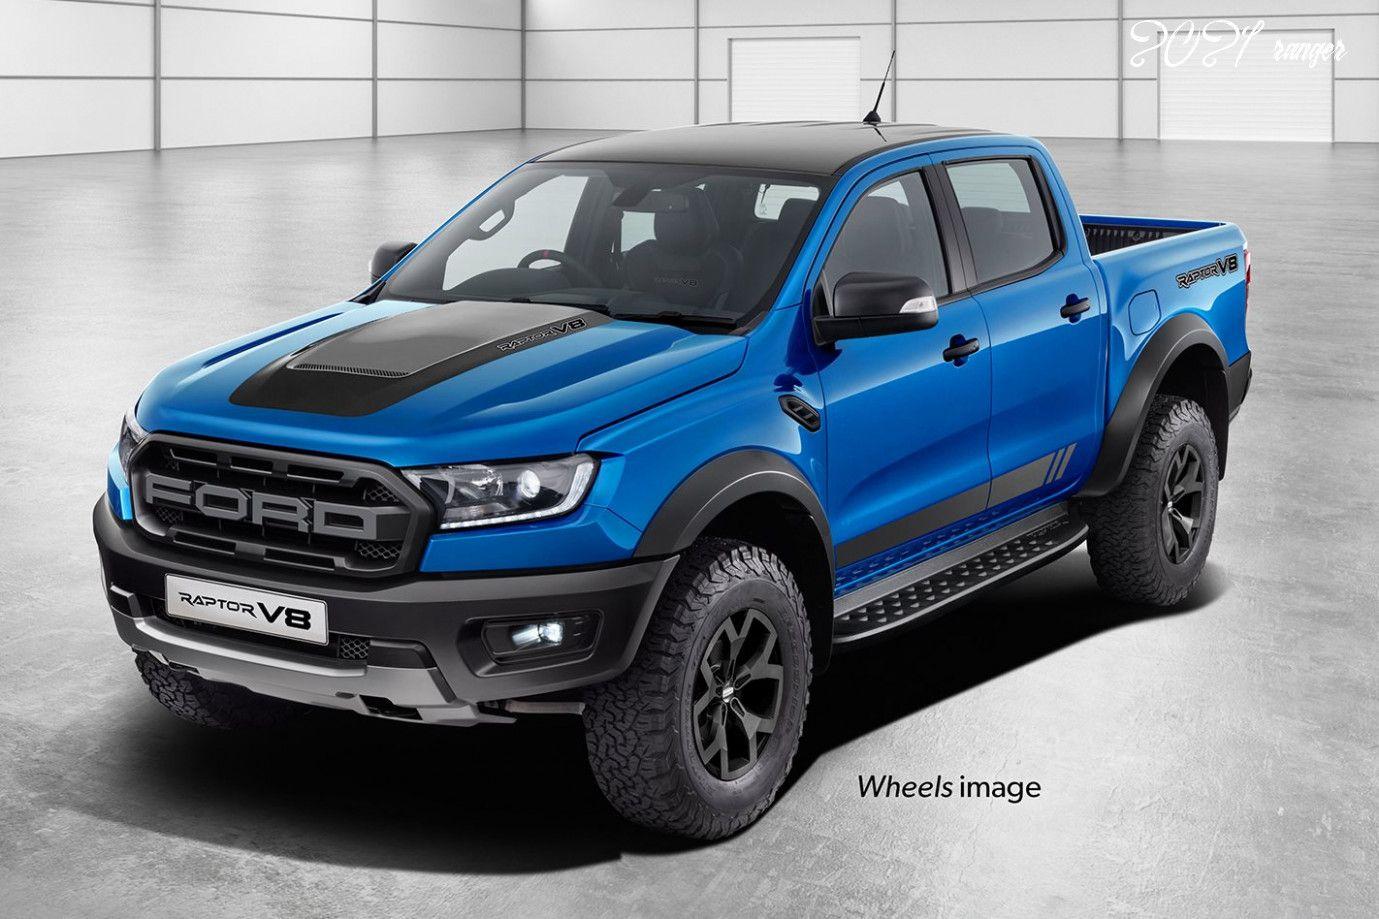 2021 ford ranger raptor release date australia - new cars